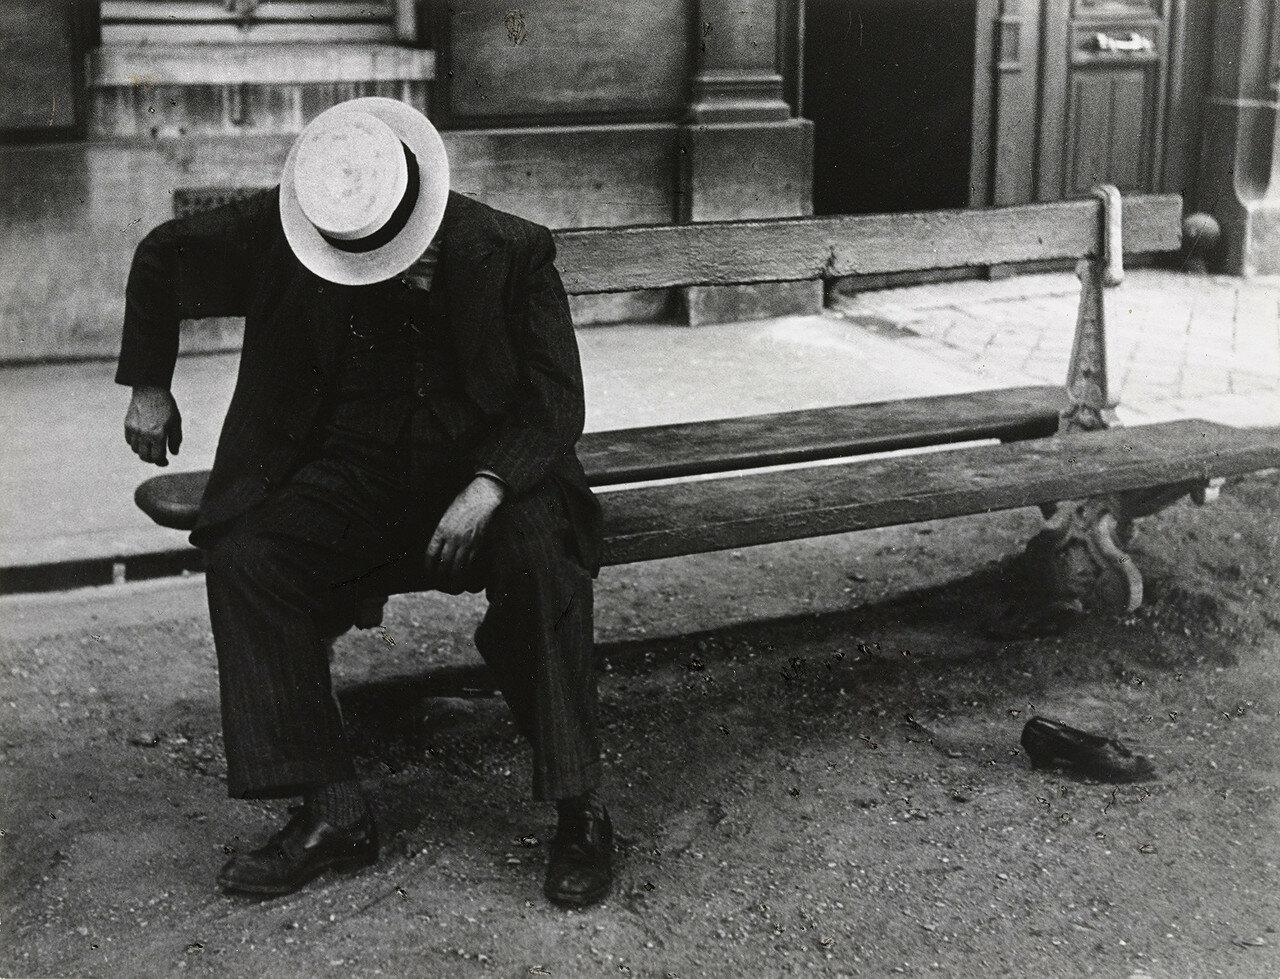 1932. Человек в канотье, спящий на скамейке